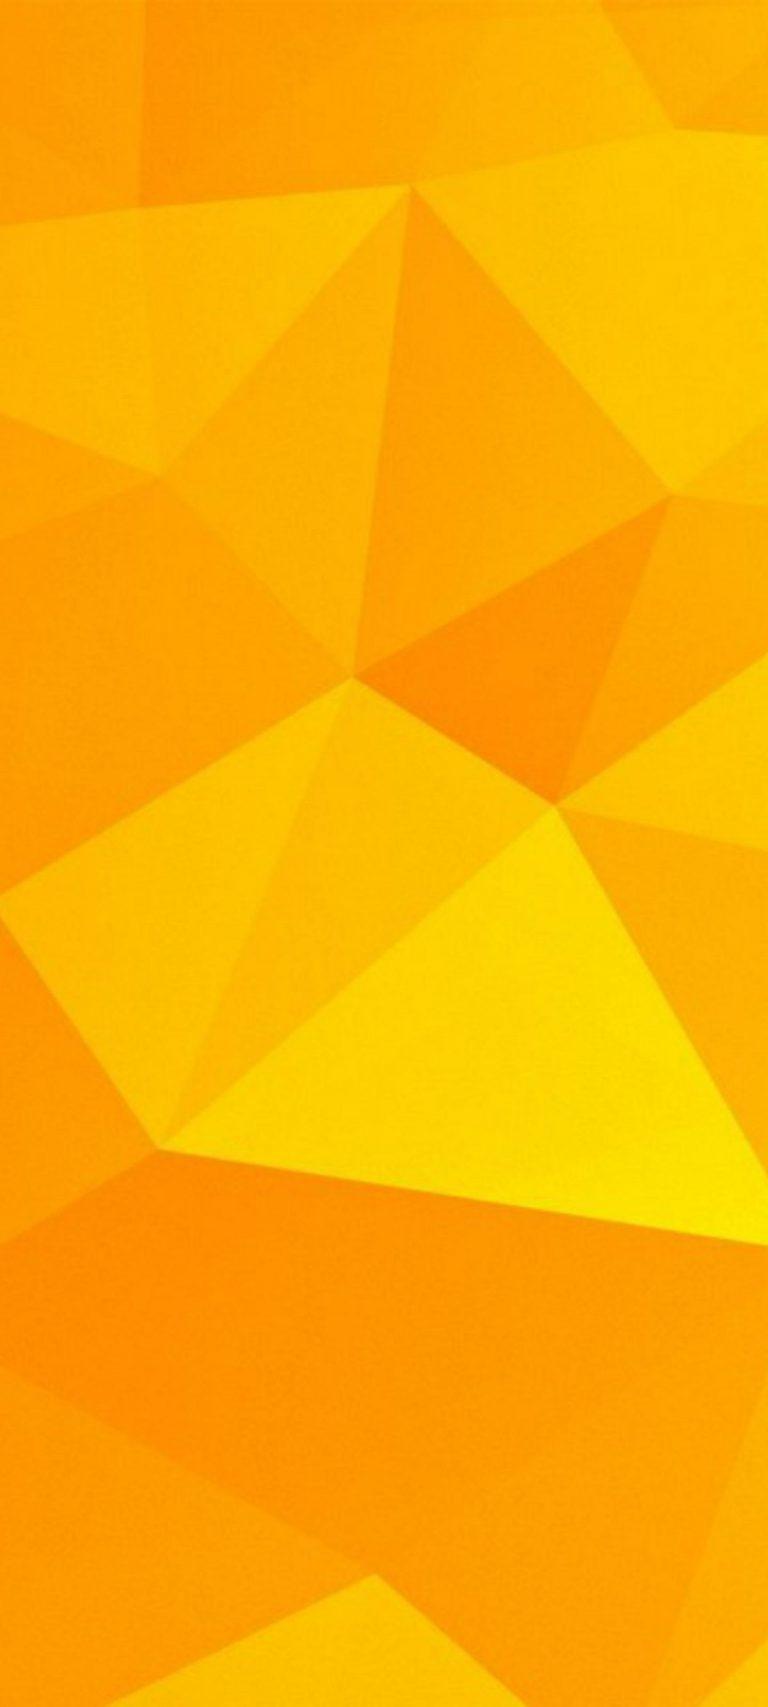 1440x3200 HD Wallpaper 122 768x1707 - 1440x3200 HD Wallpaper - 122